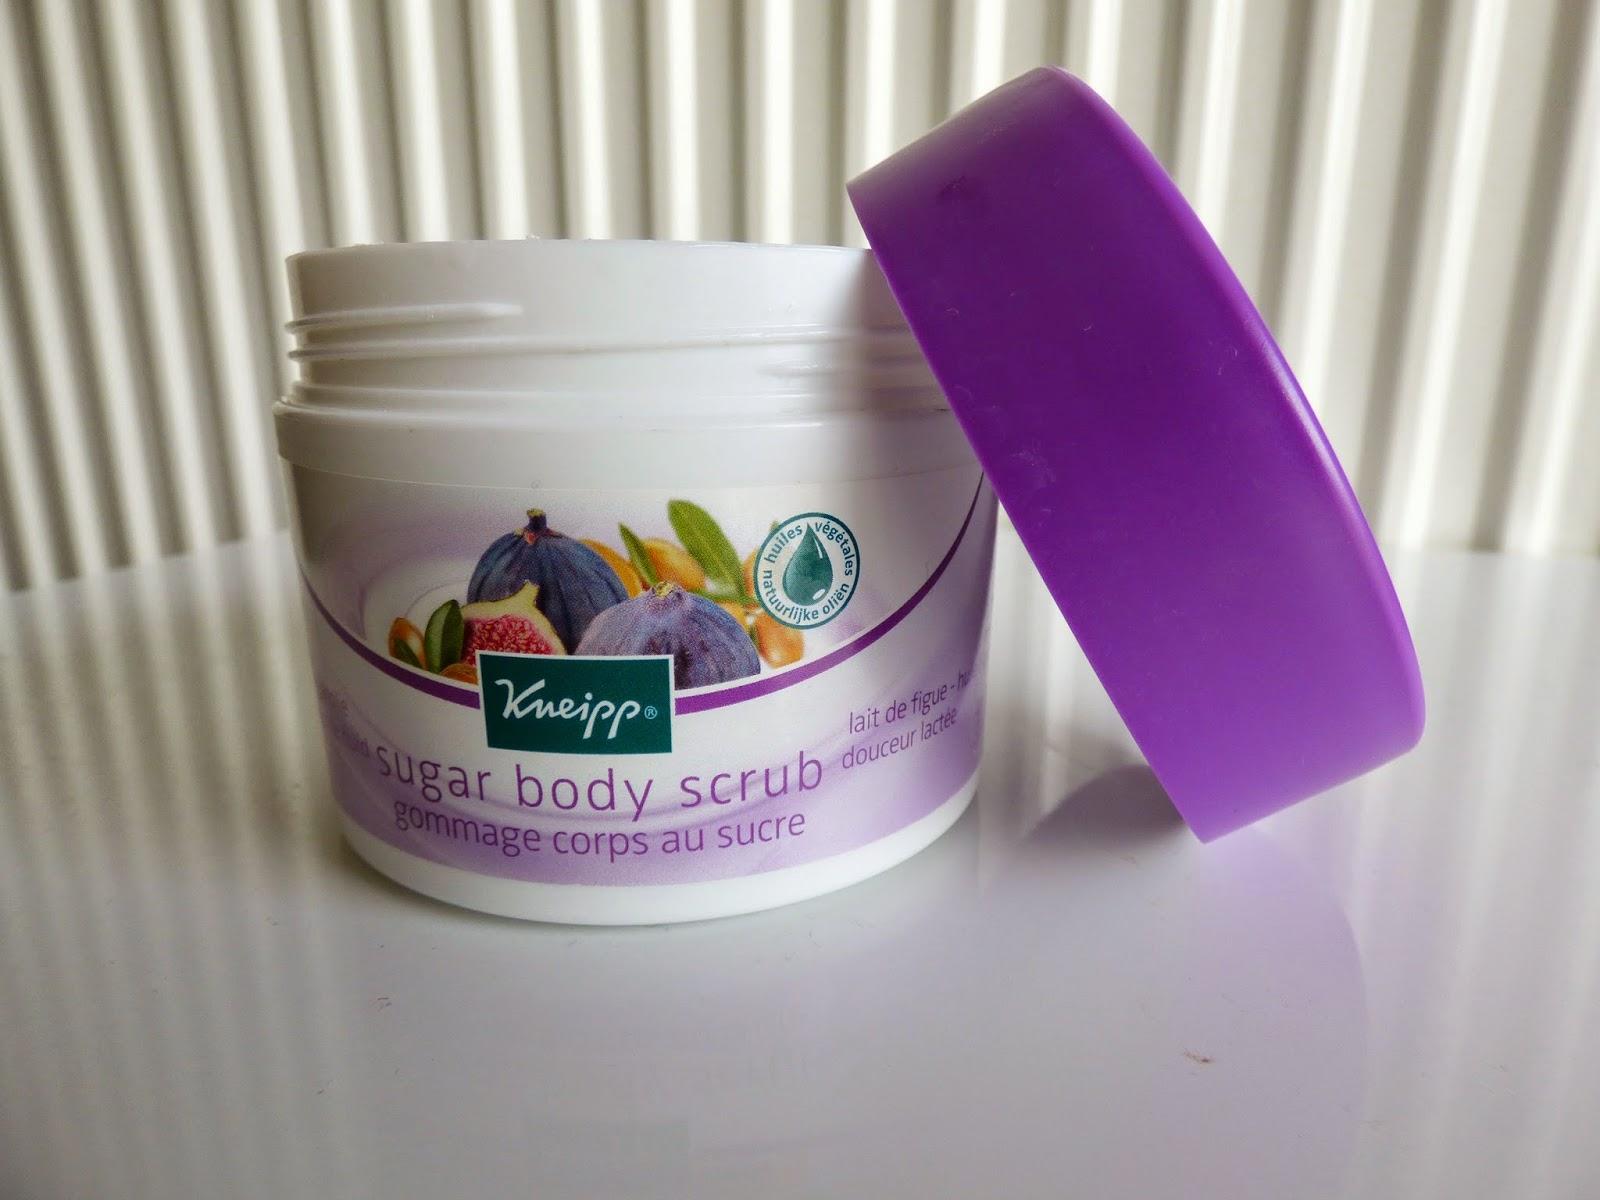 sugar body scrub de KNEIPP